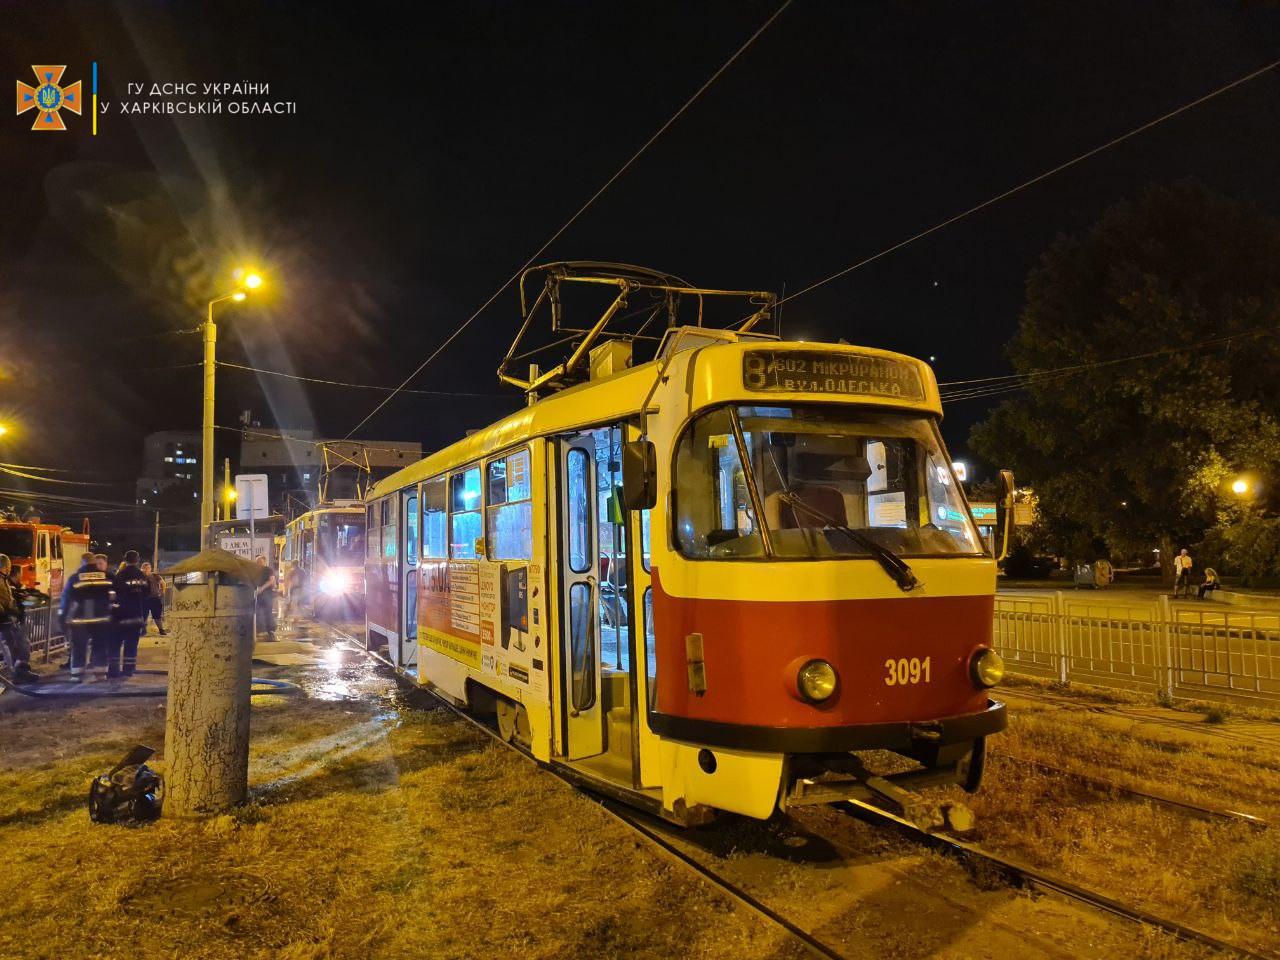 В Харькове во время движения загорелся трамвай (фото)